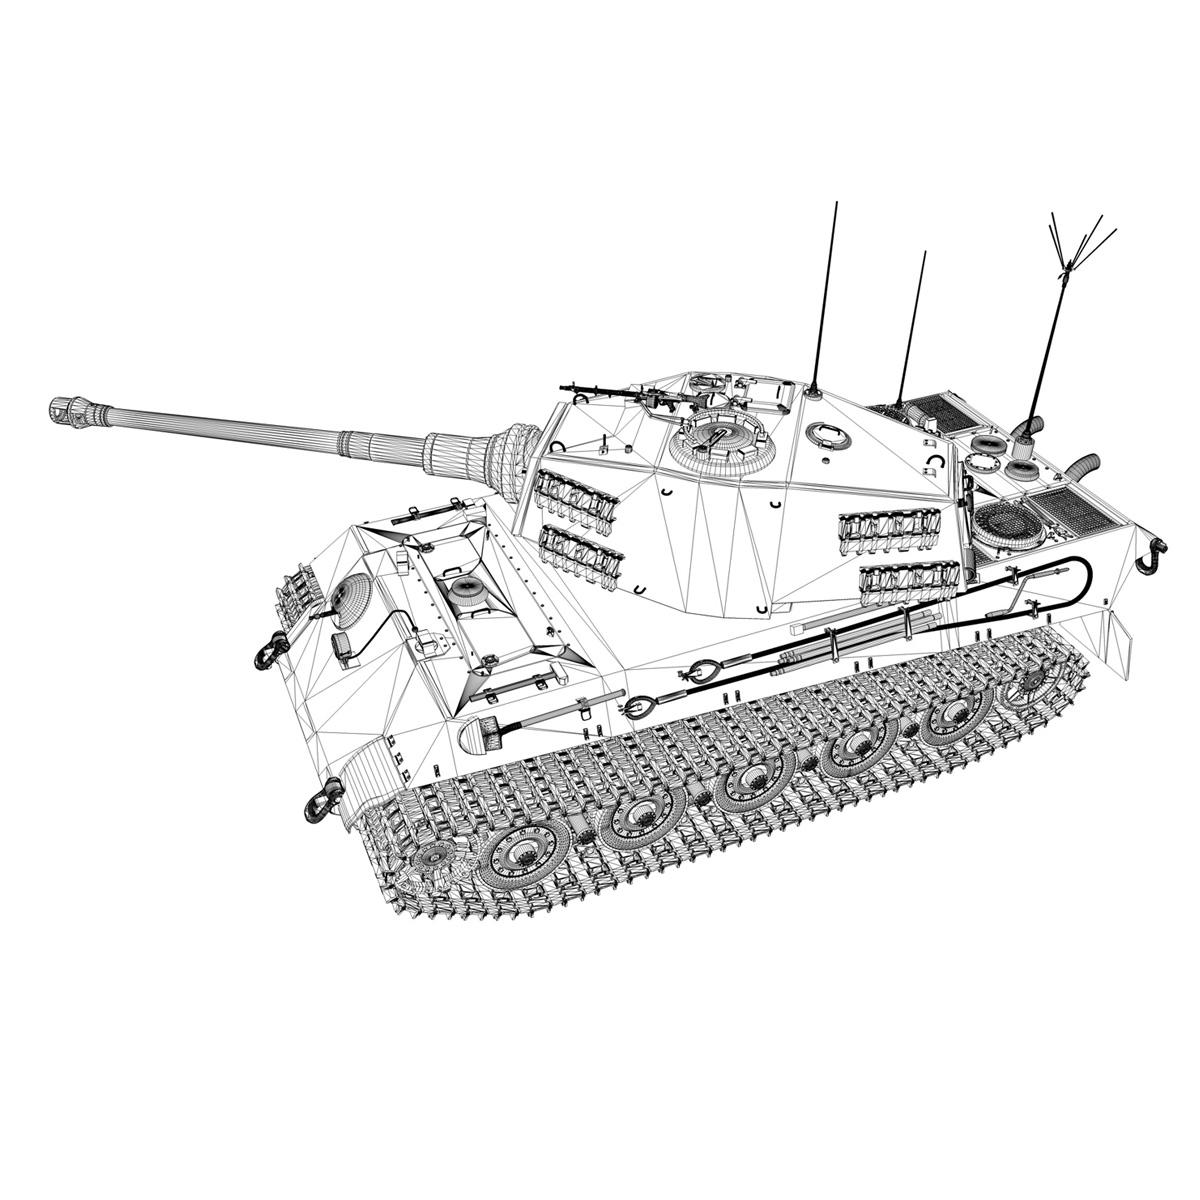 panzerbefehlswagen tiger – ausf b – iii 3d model 3ds c4d lwo lw lws obj 293331